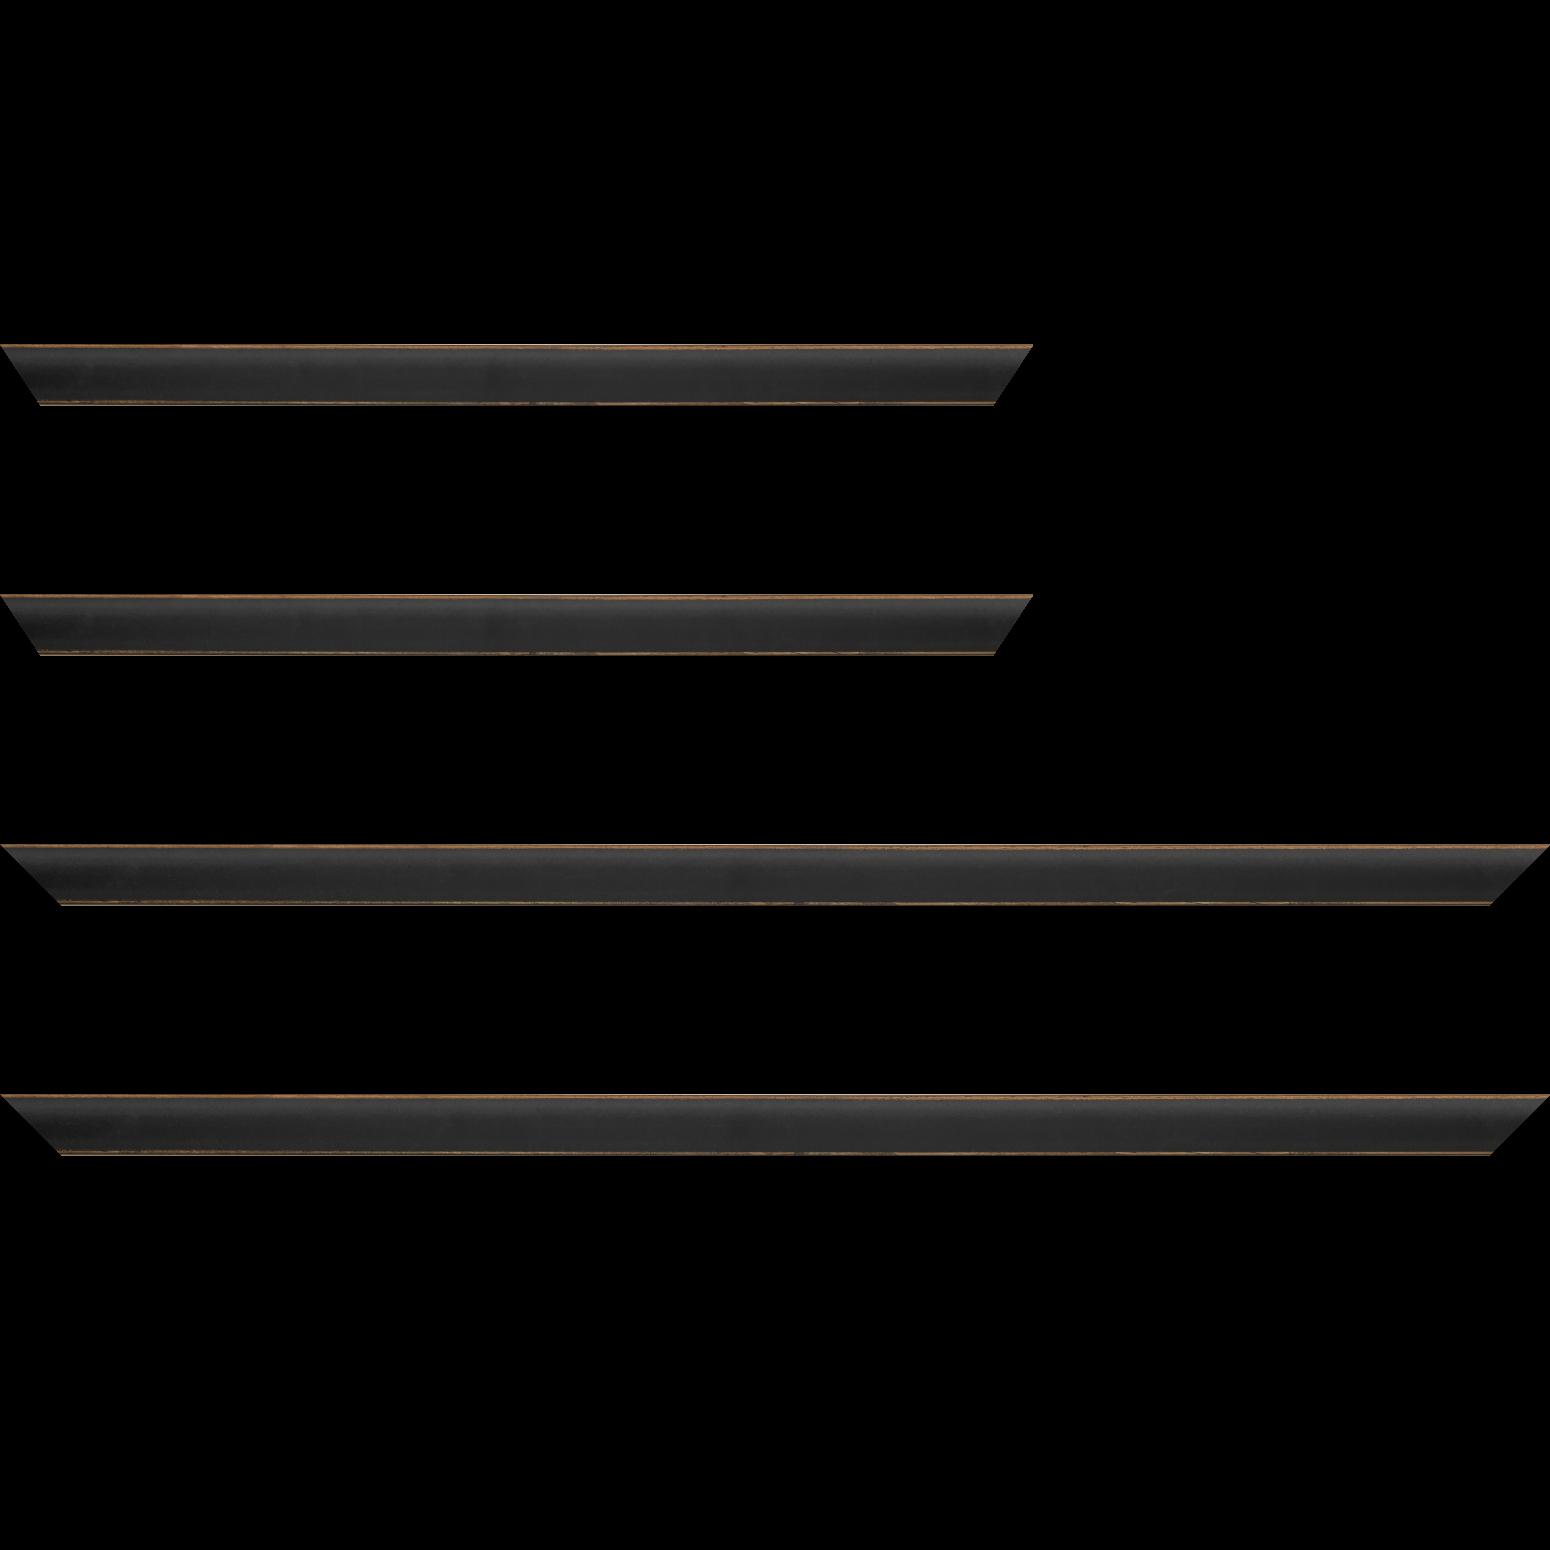 Baguette service précoupé bois profil incurvé largeur 1.9cm couleur noir mat bord ressuyé